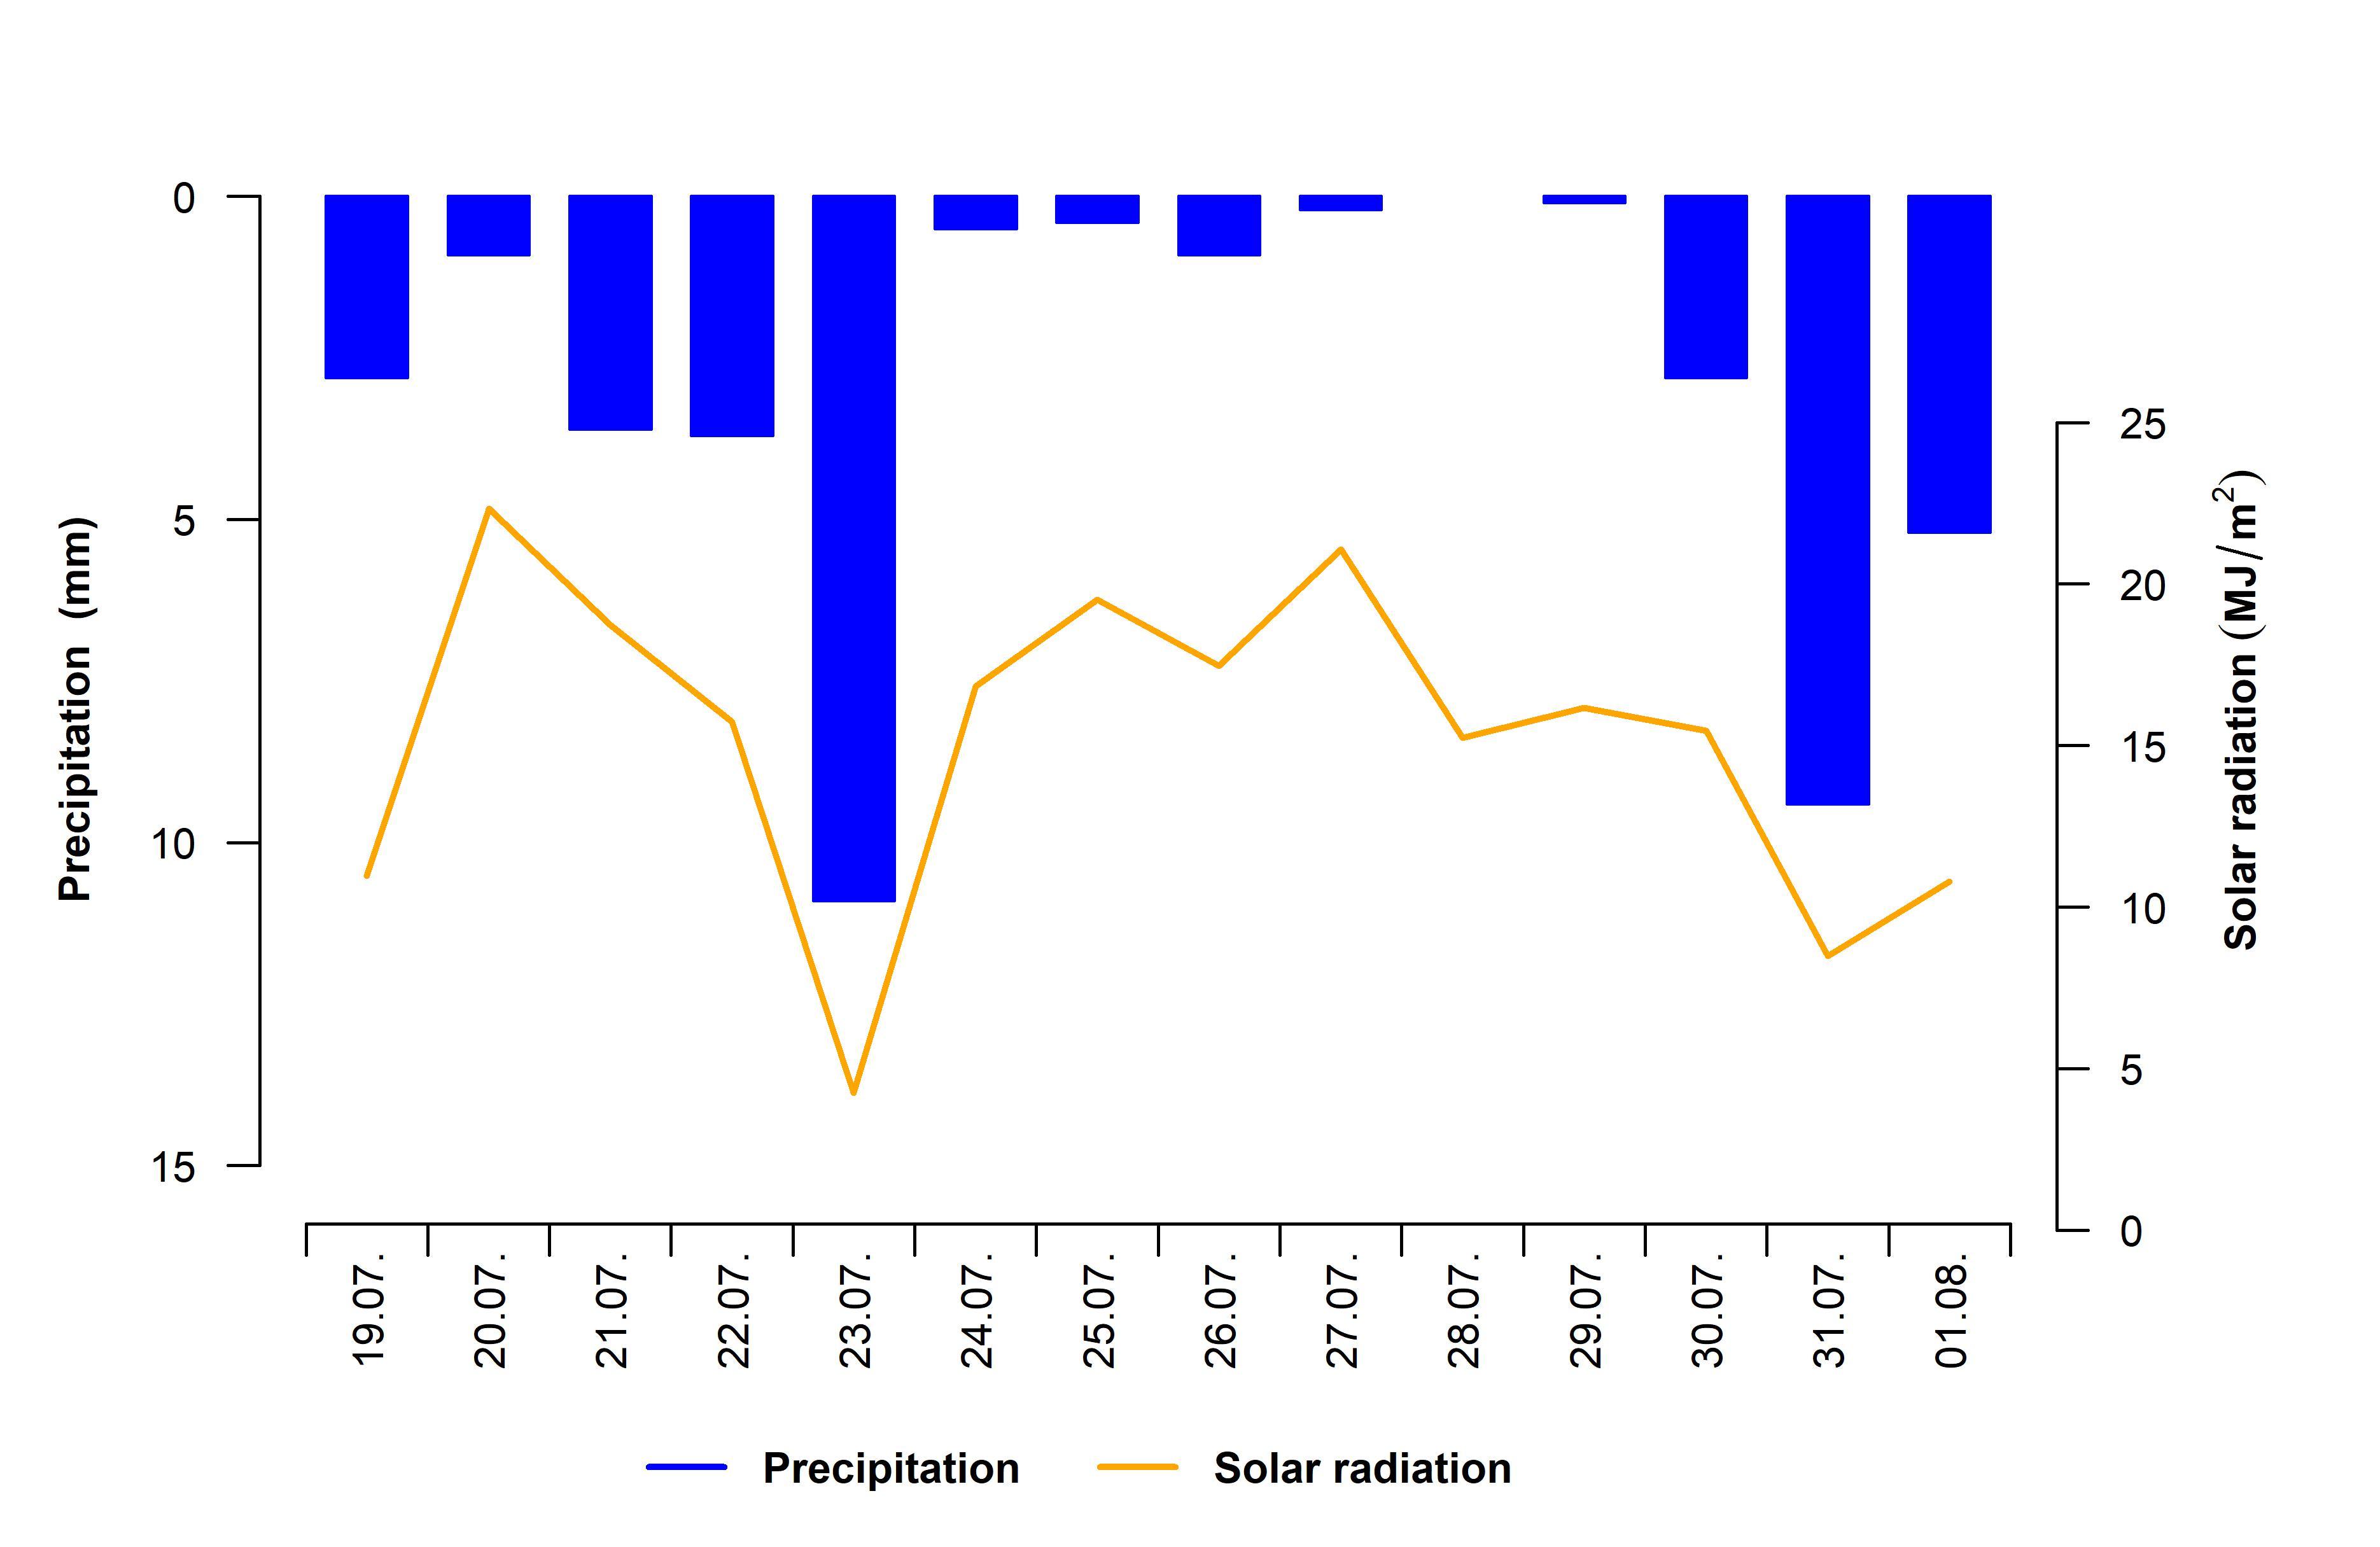 Niederschlag und Globalstrahlung der letzten 14 Tage in 10 minütiger Auflösung